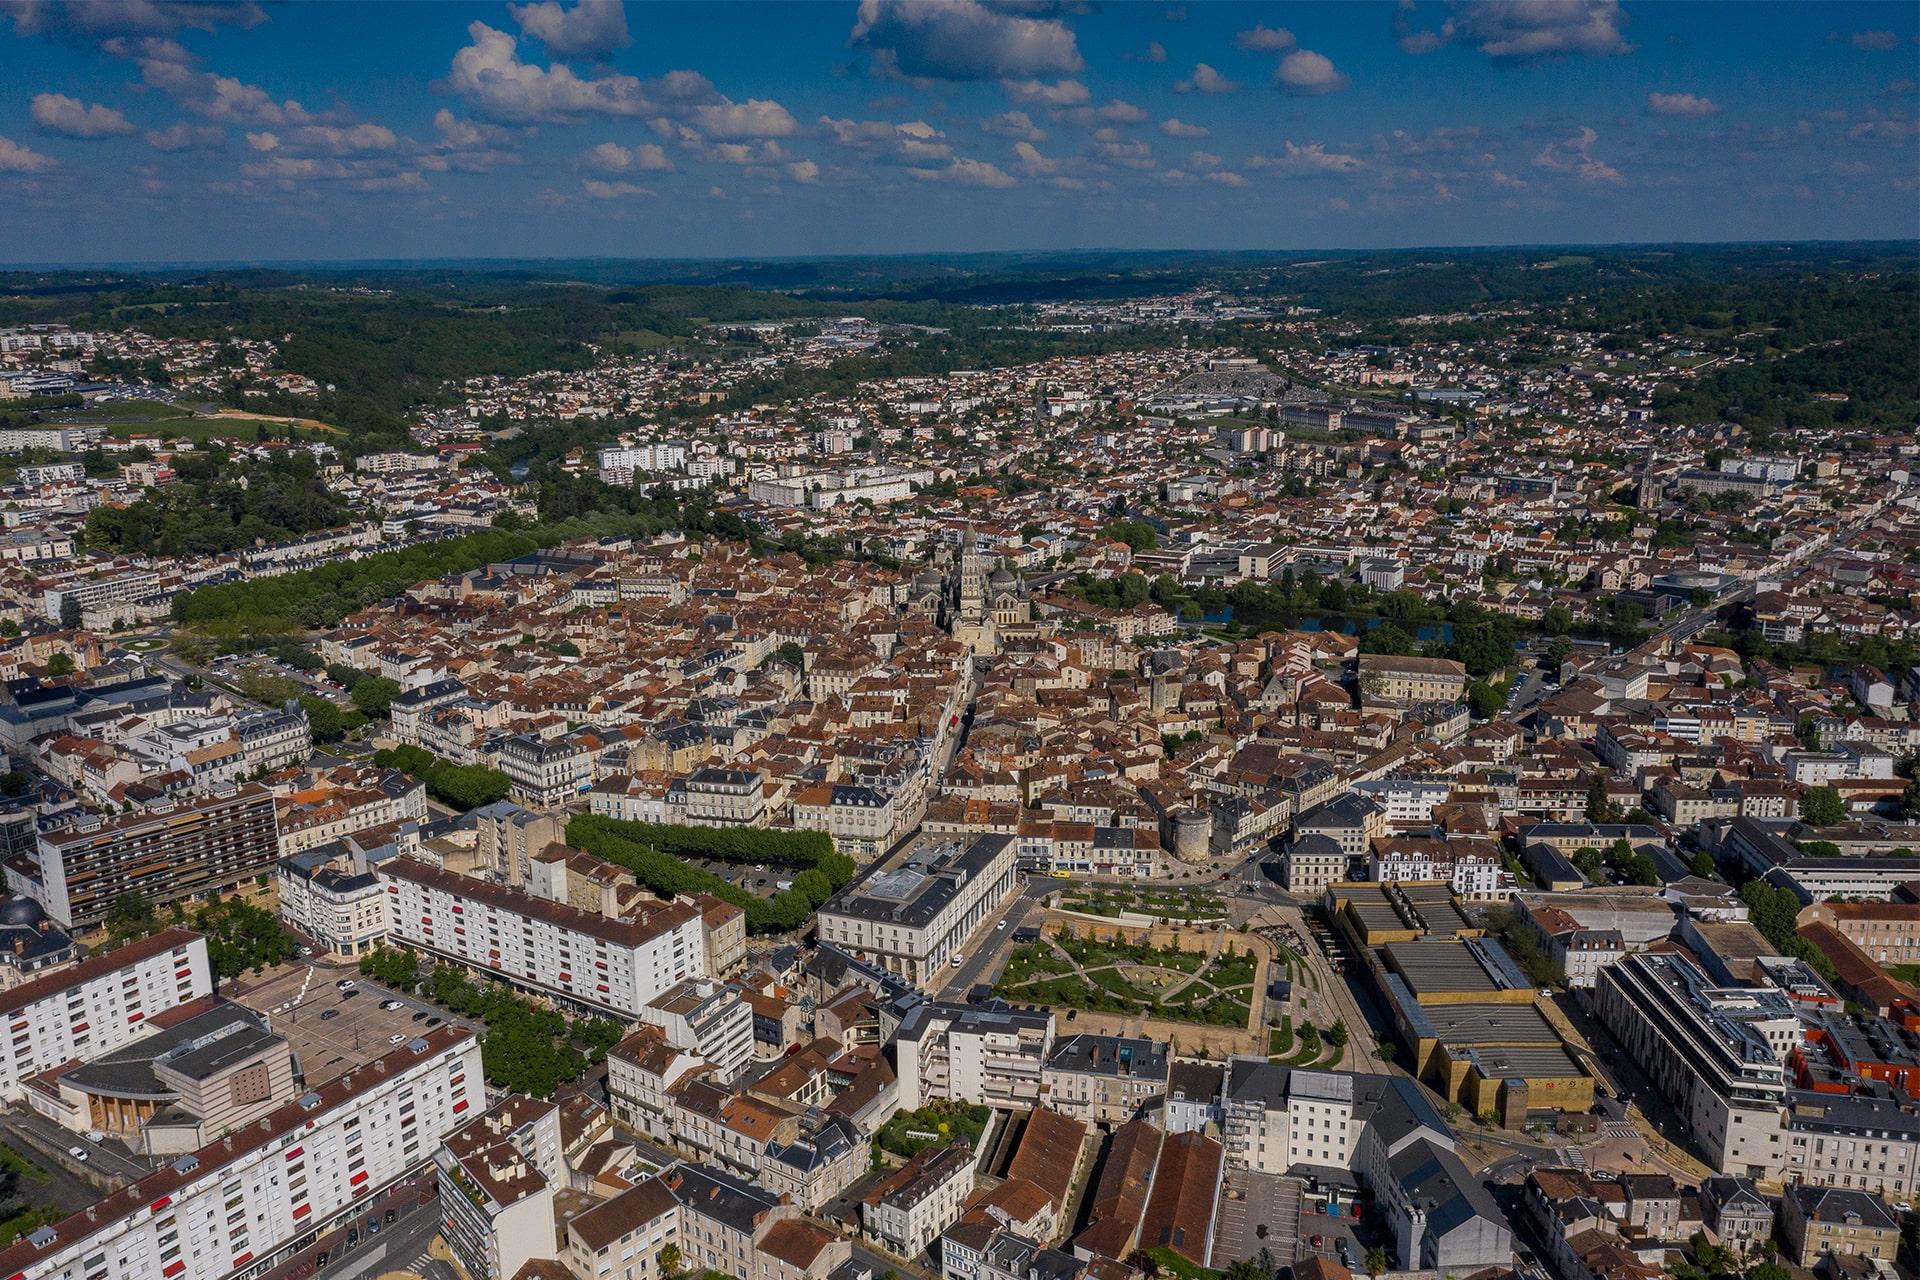 Vue sur Périgueux et son agglomération